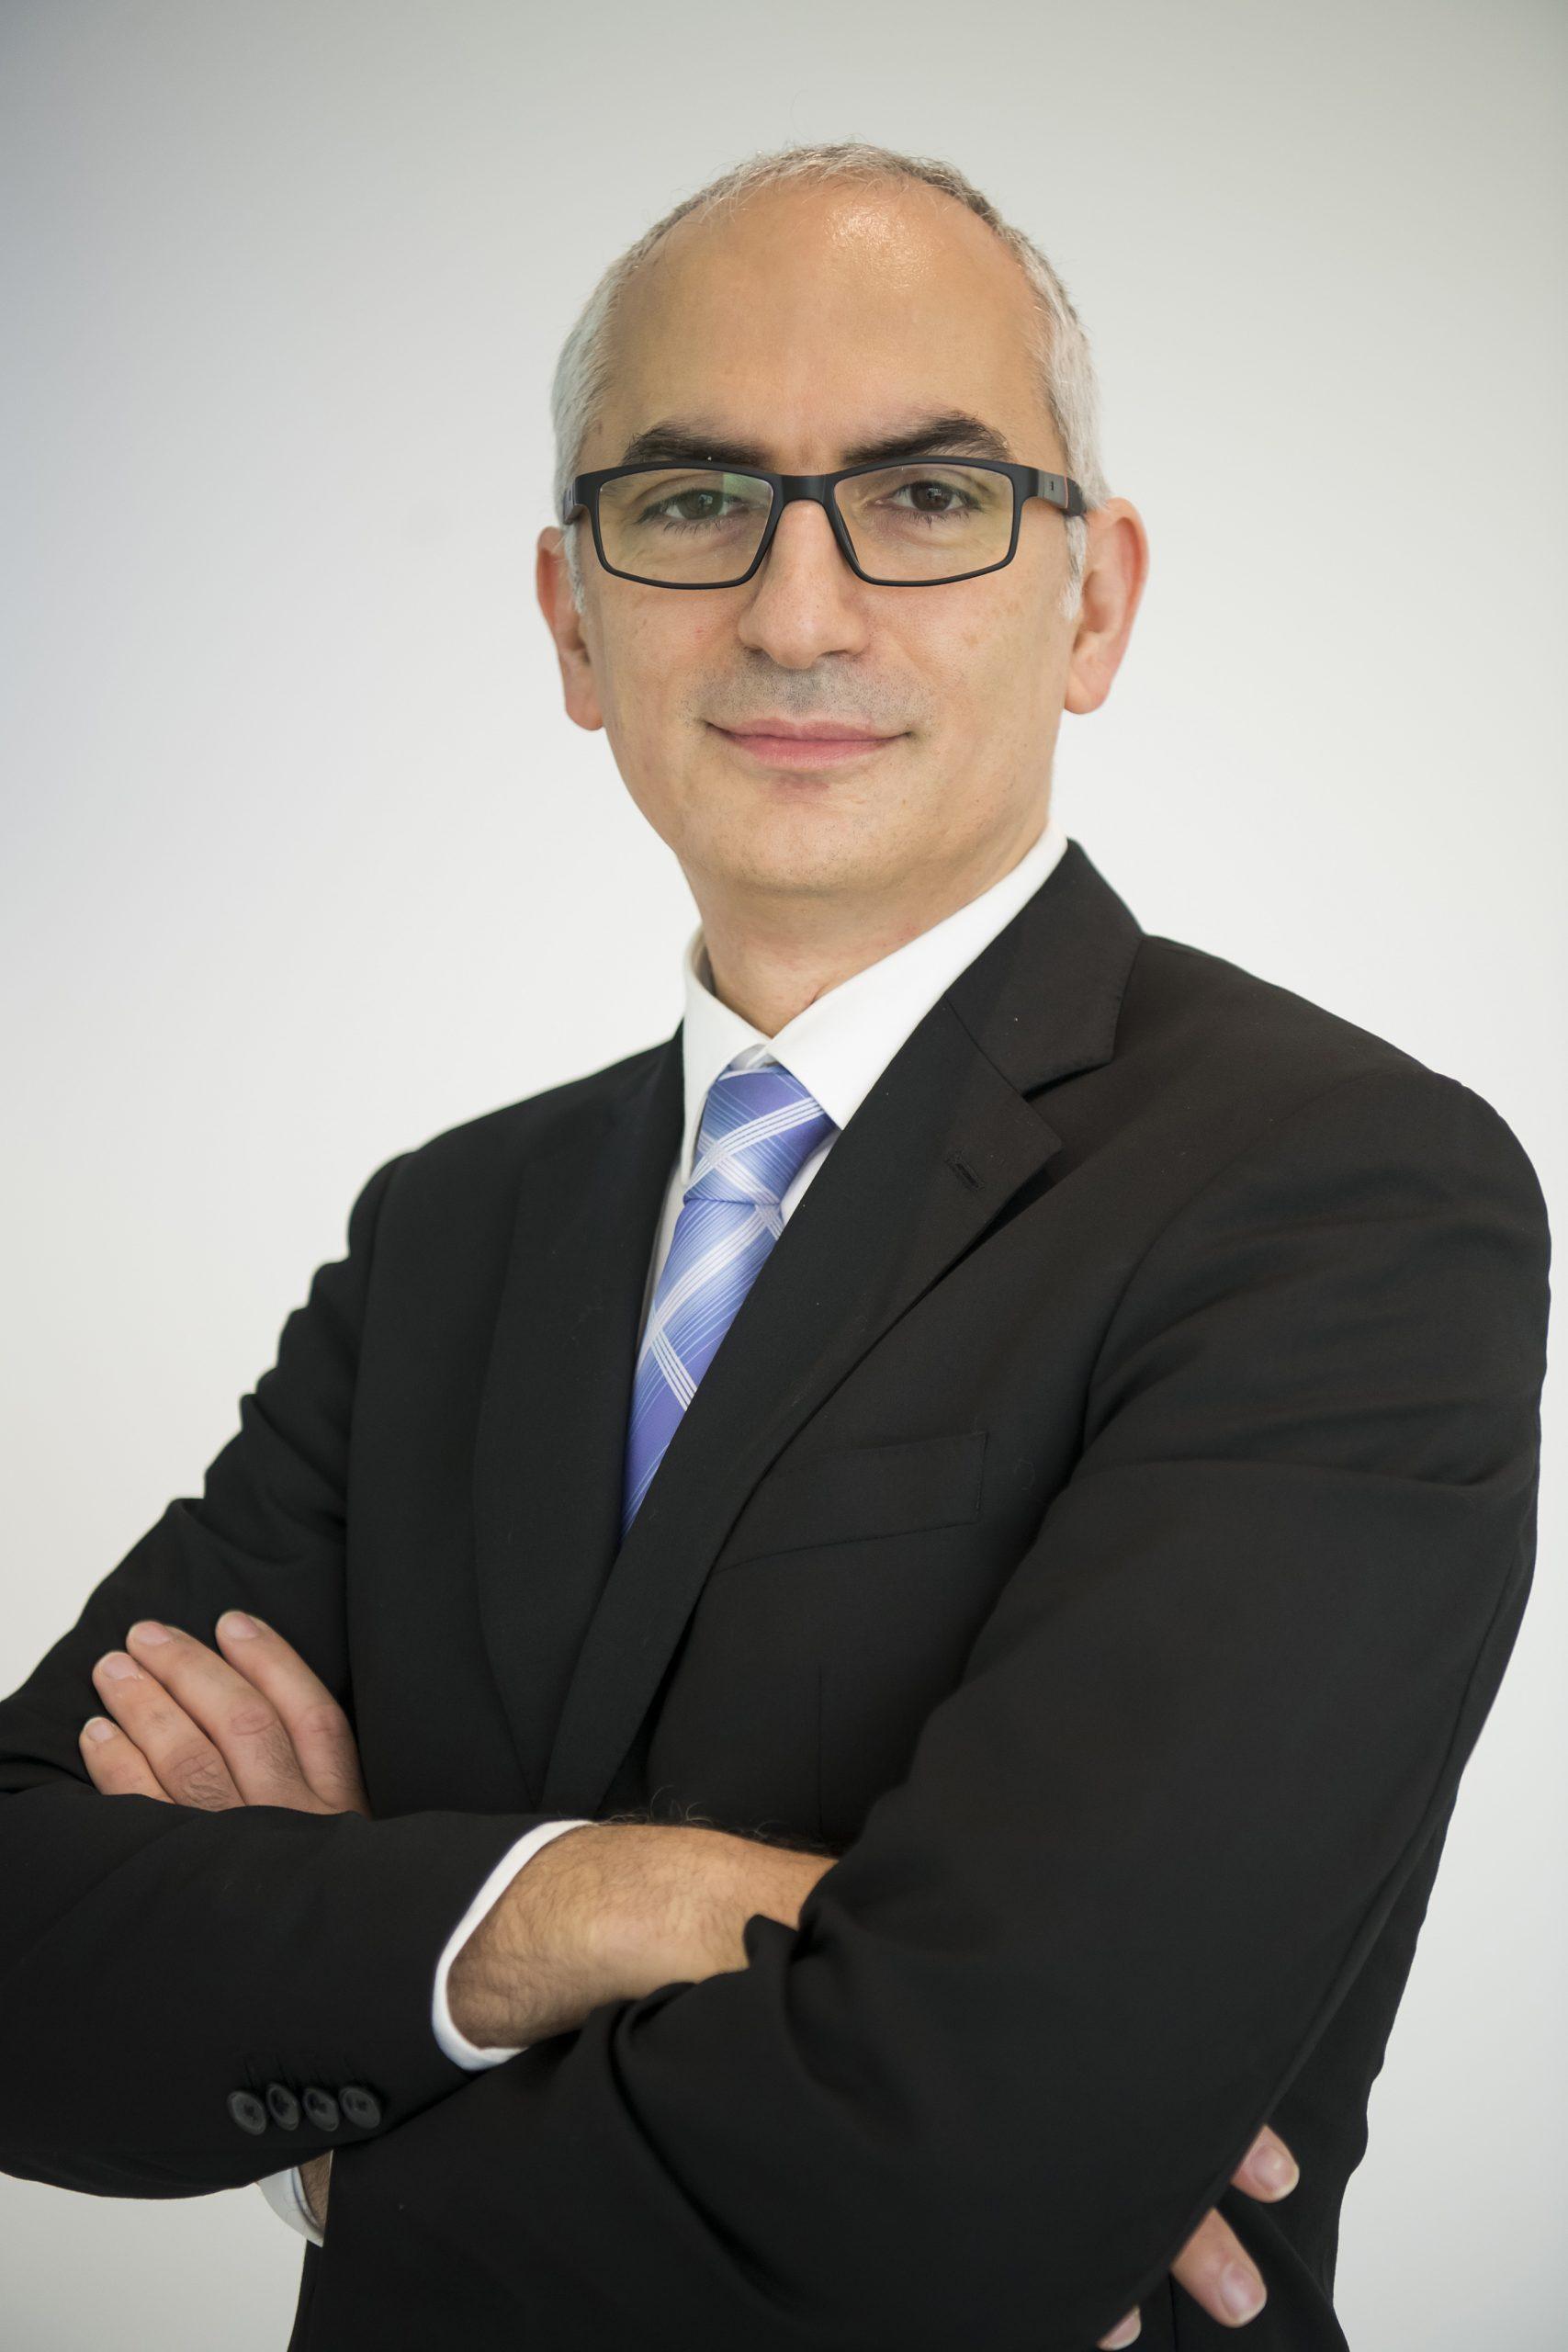 Gordon Bezzina